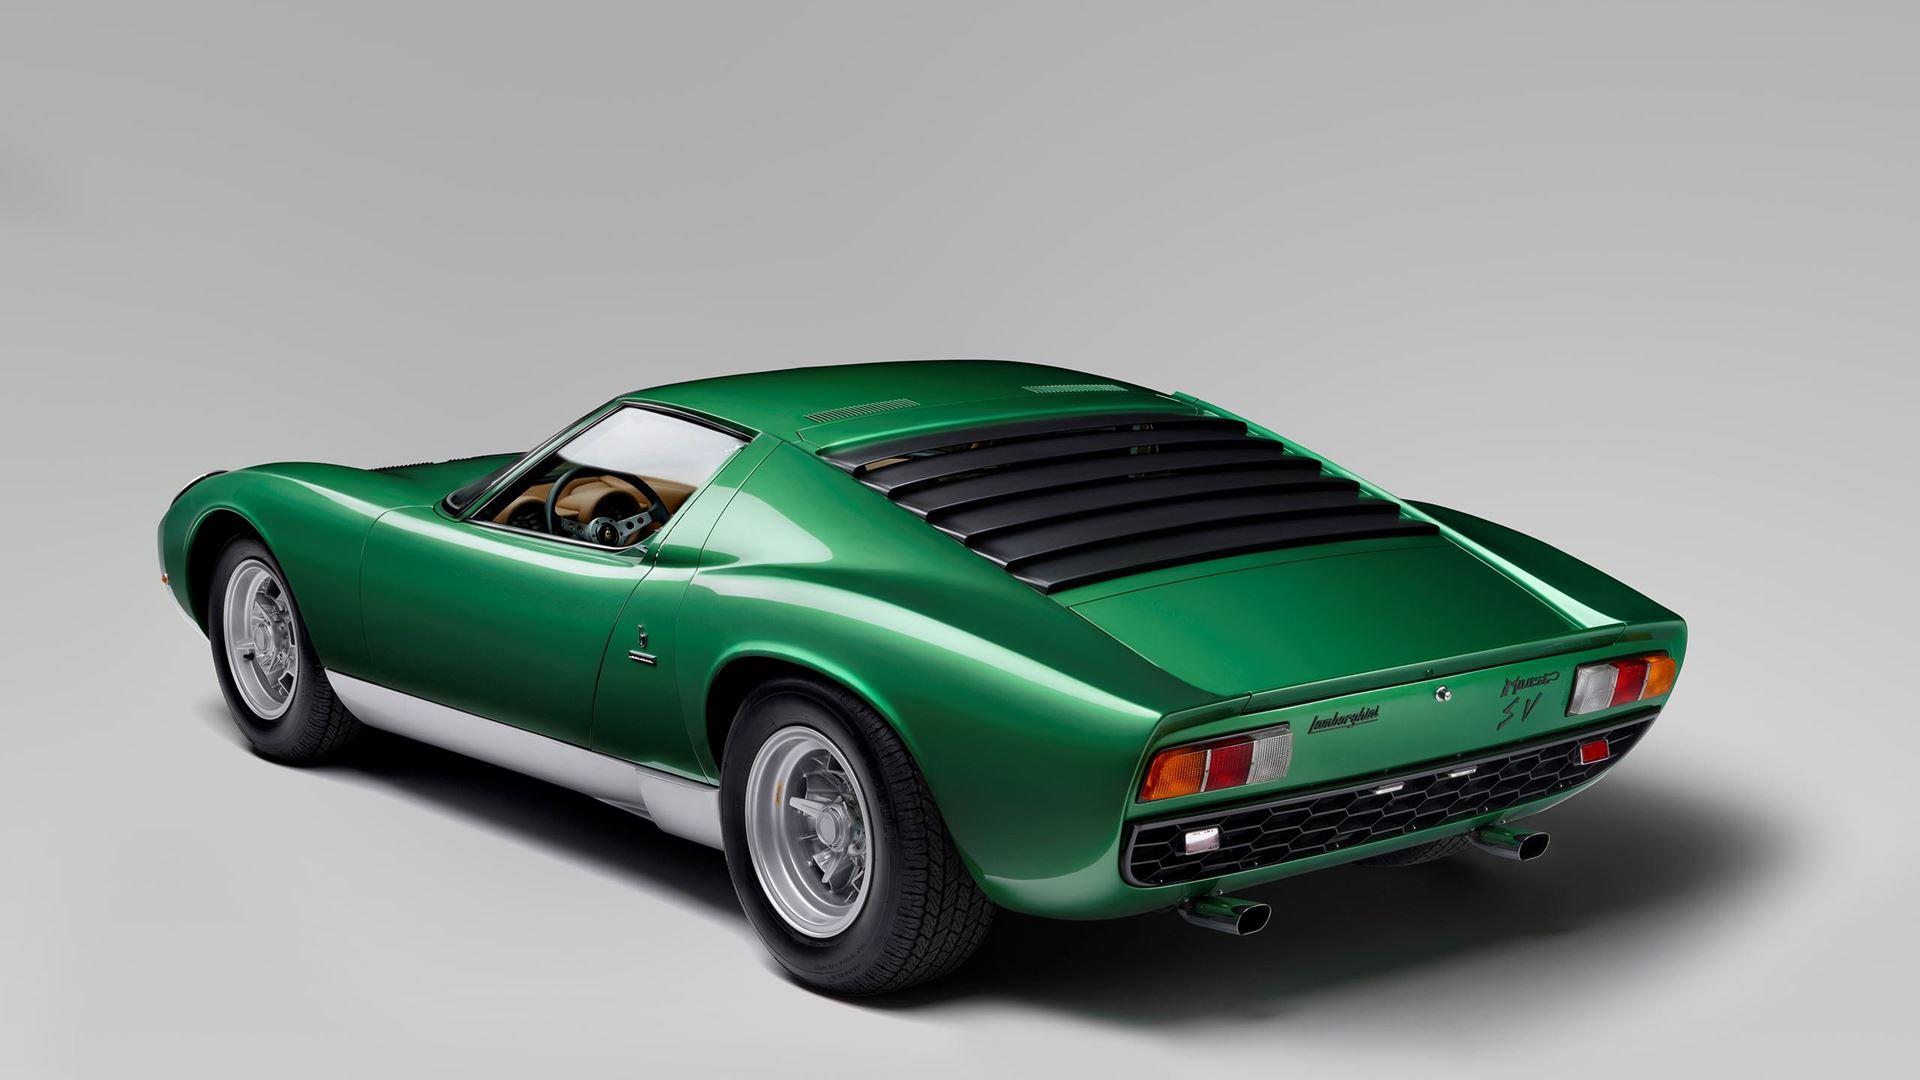 Lamborghini Miura SV turns 50 in 2021 - Image 5